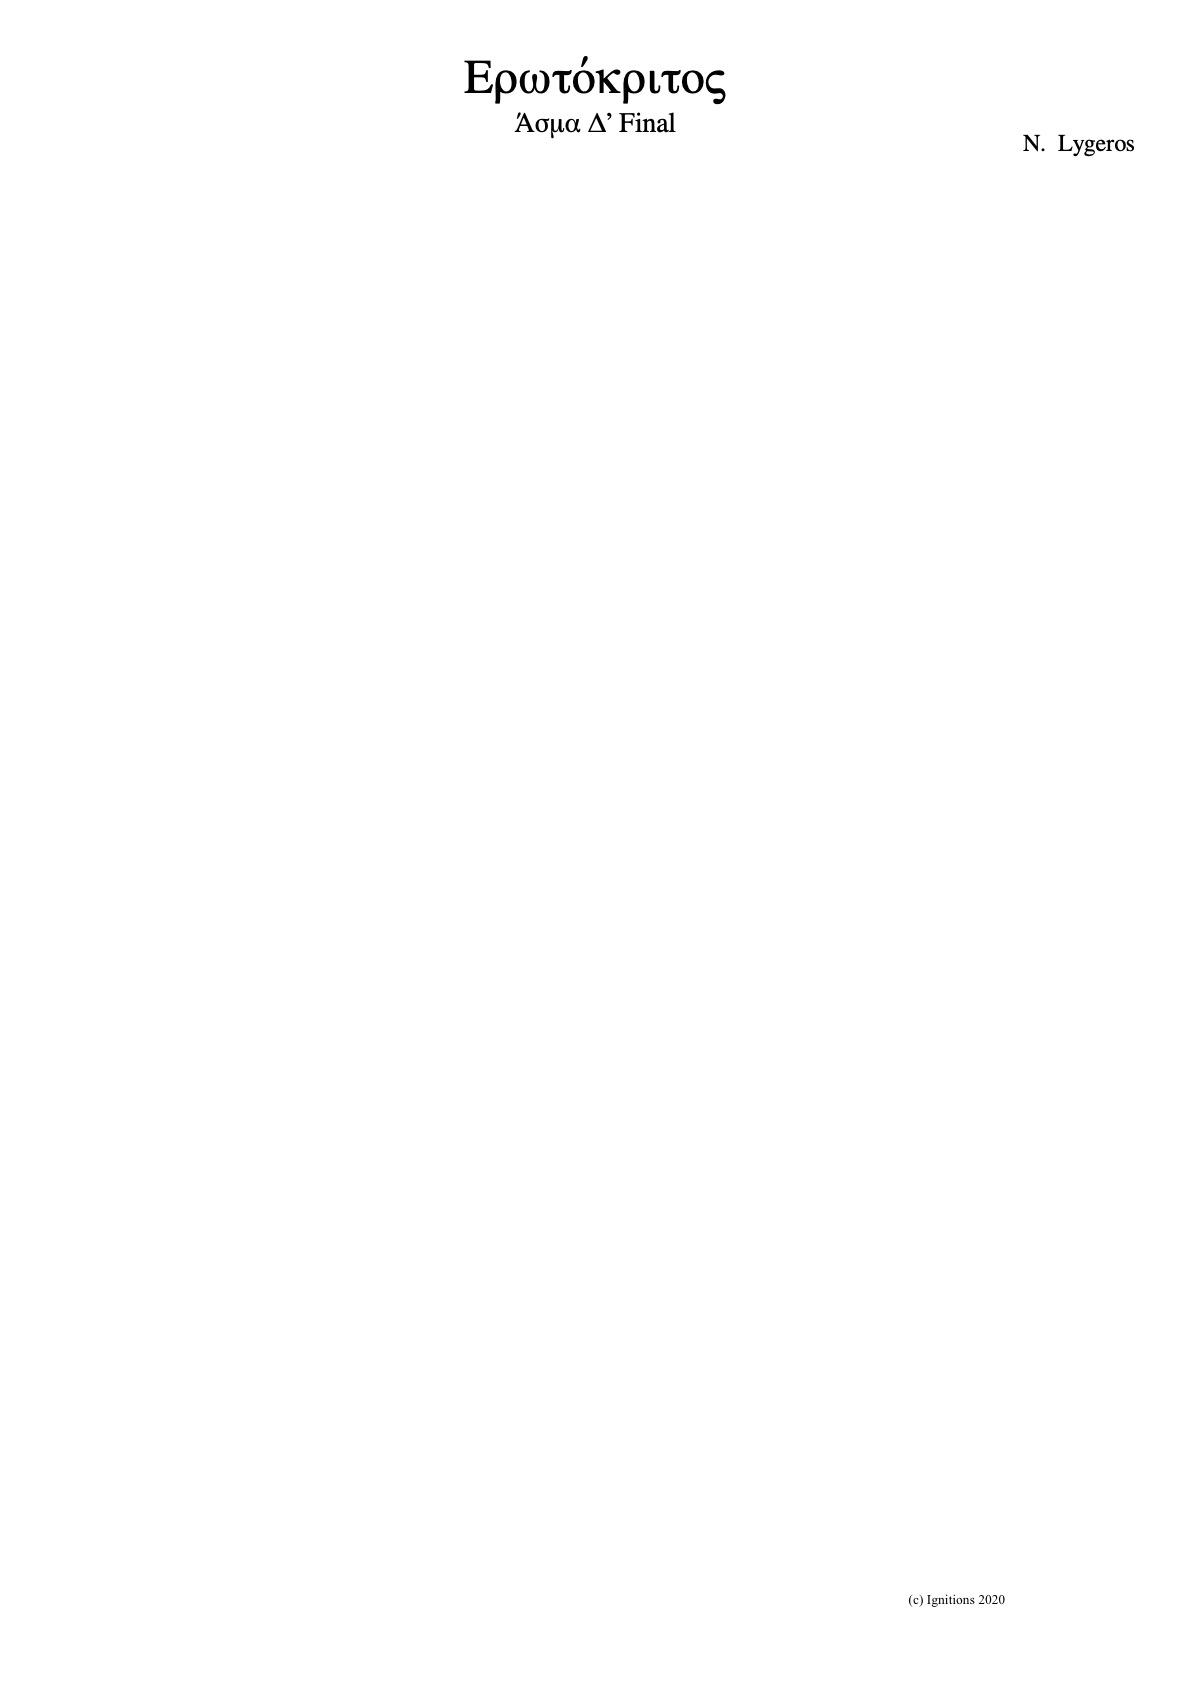 57573-Ερωτόκριτος. (Άσμα Δ' Final)